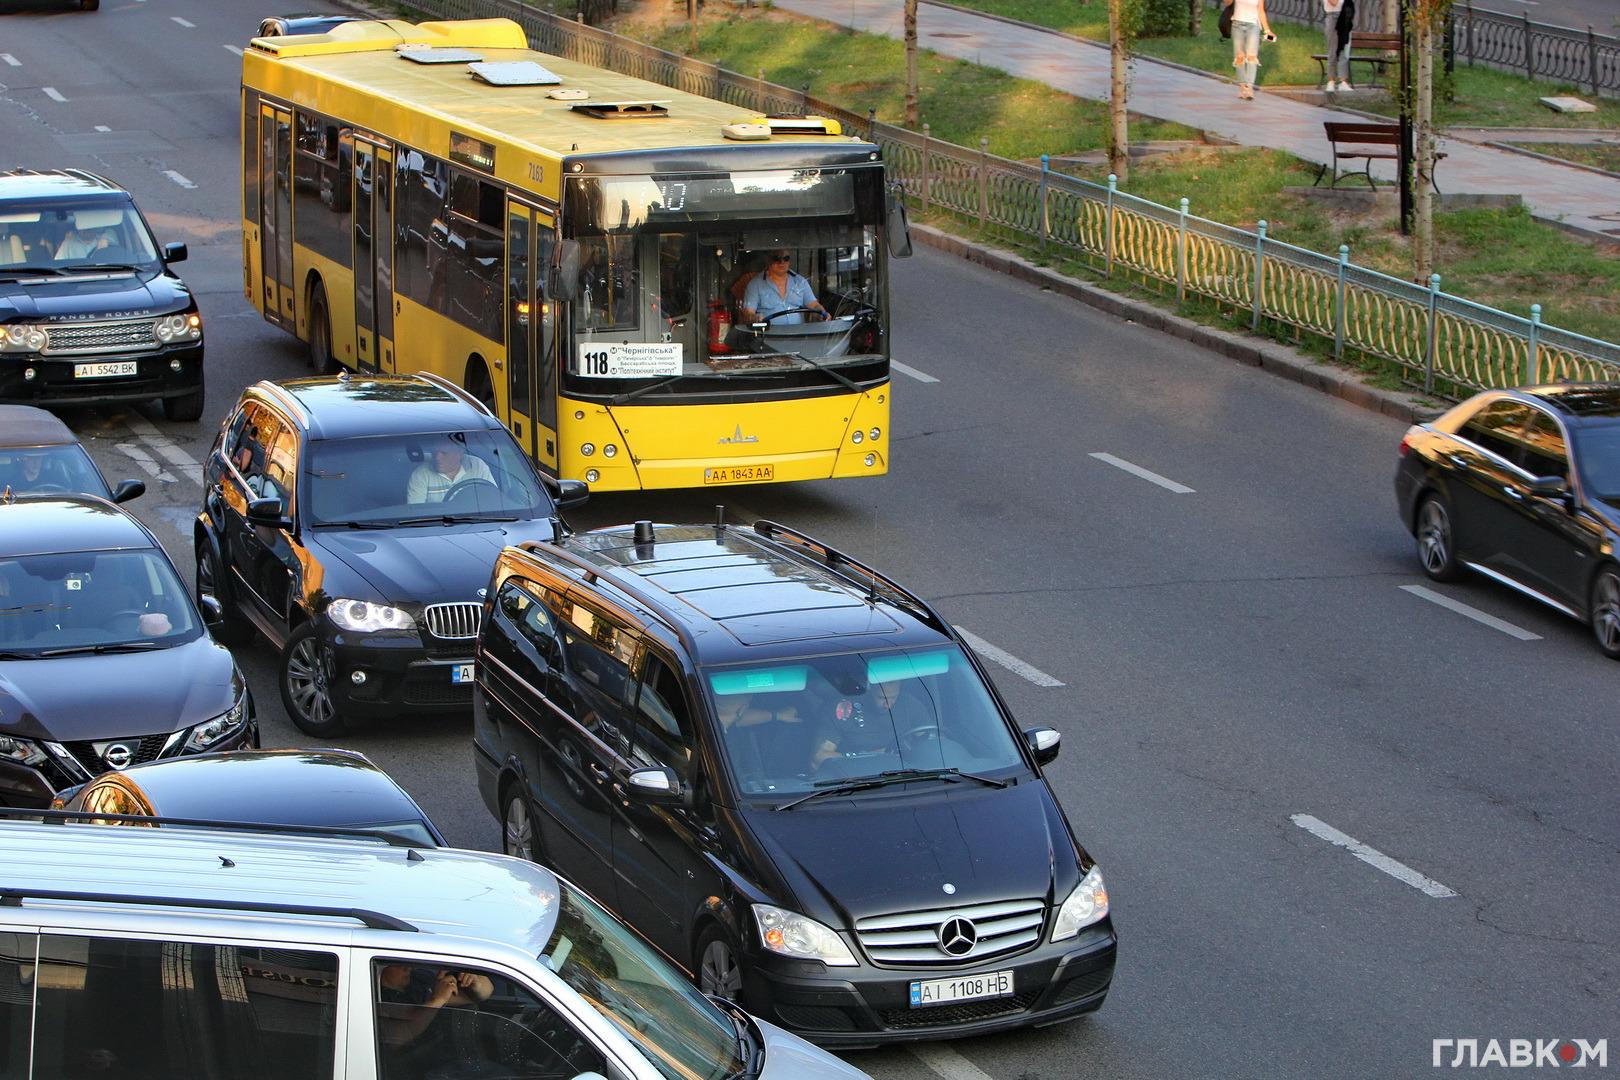 Автівки супроводу політиків заважали безпечному проїзду громадського транспорту